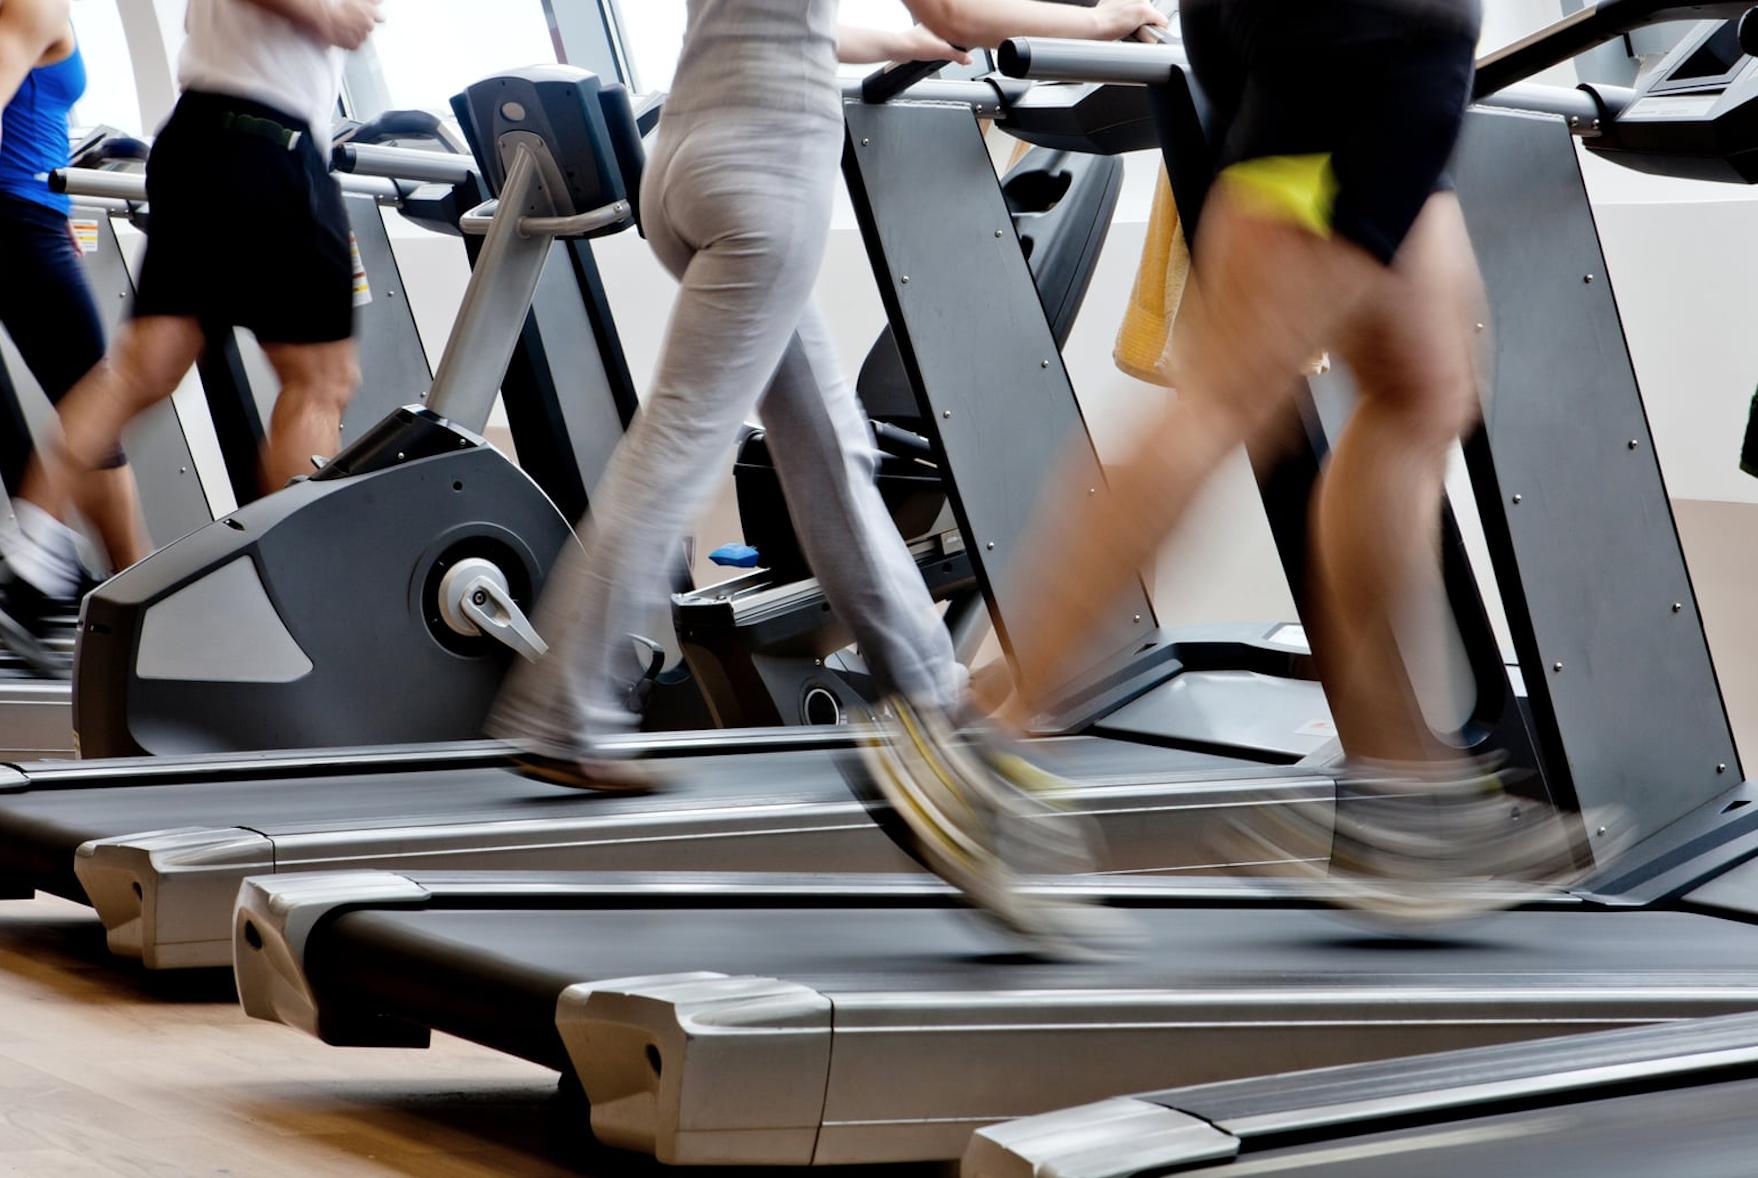 Cybex Trotter Treadmill